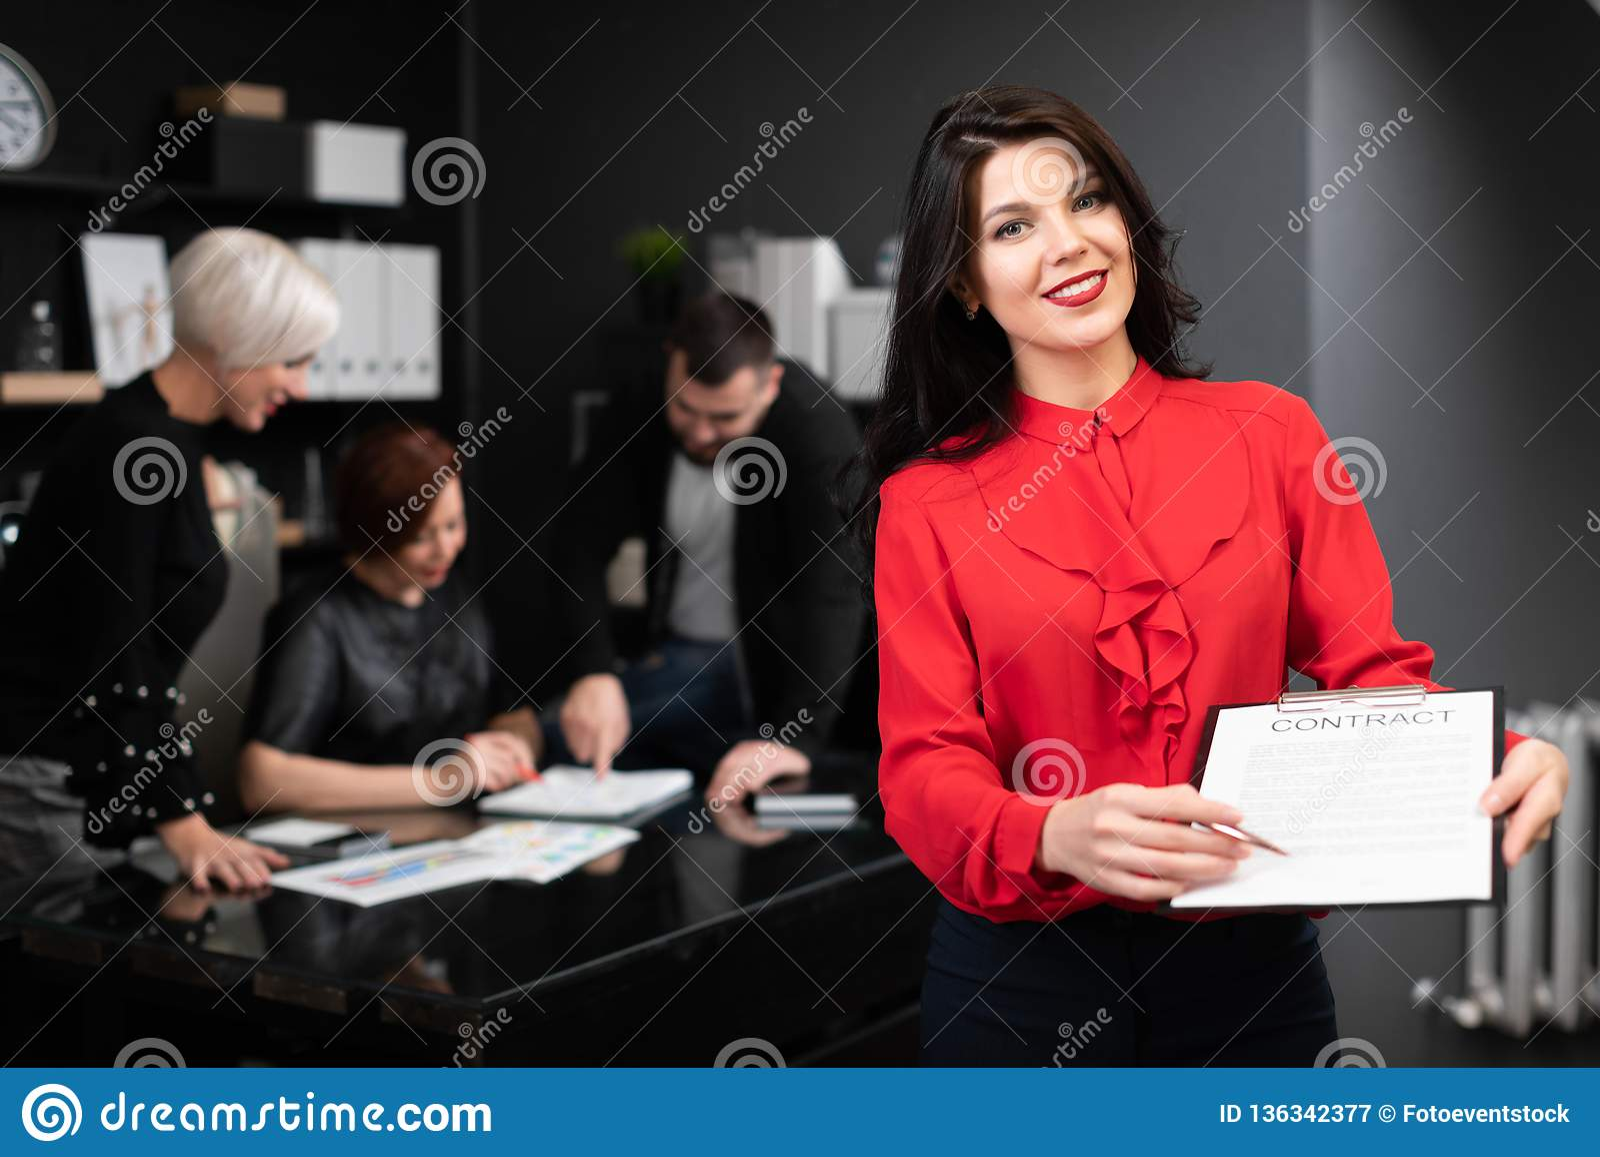 Empresaria con la pluma y contrato en el fondo de los oficinistas discutir el proyecto